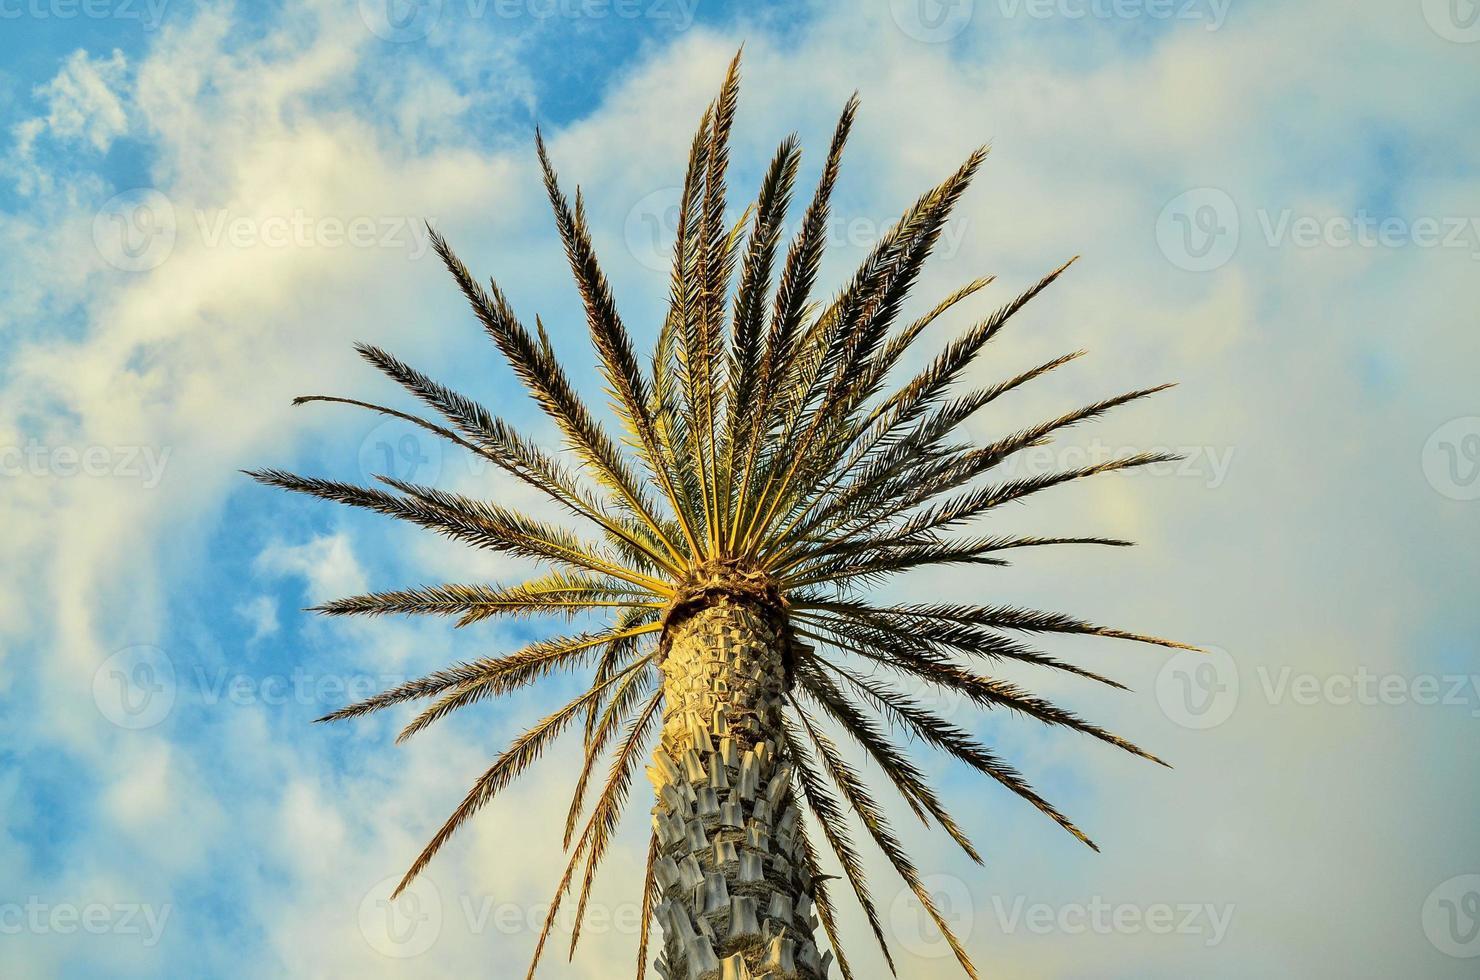 palmeira verde canária foto